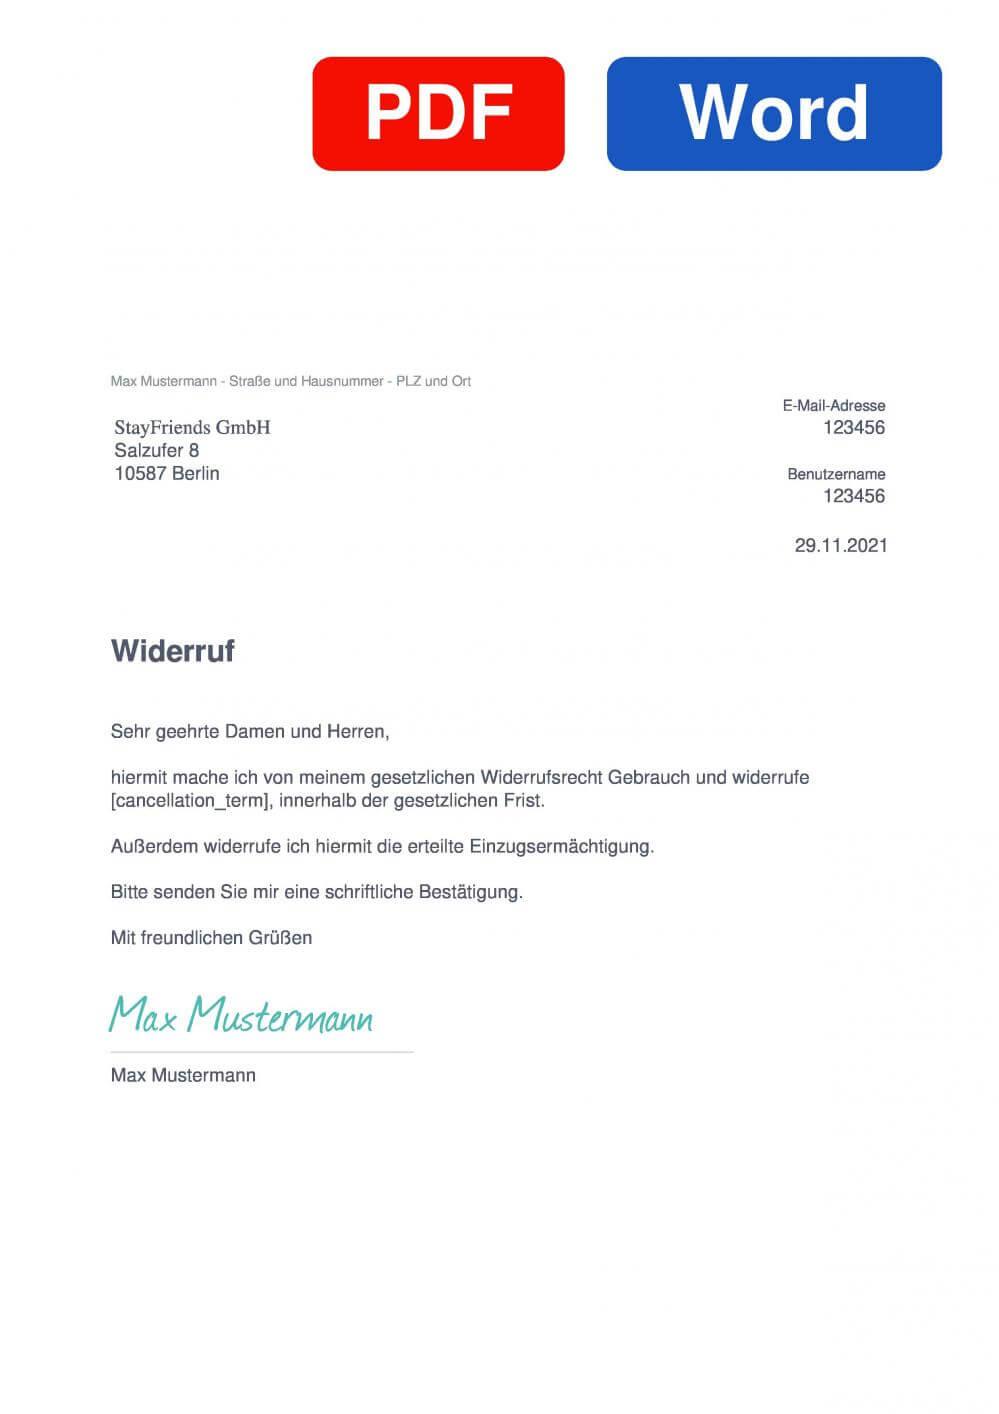 Lebensfreunde.de Muster Vorlage für Wiederrufsschreiben